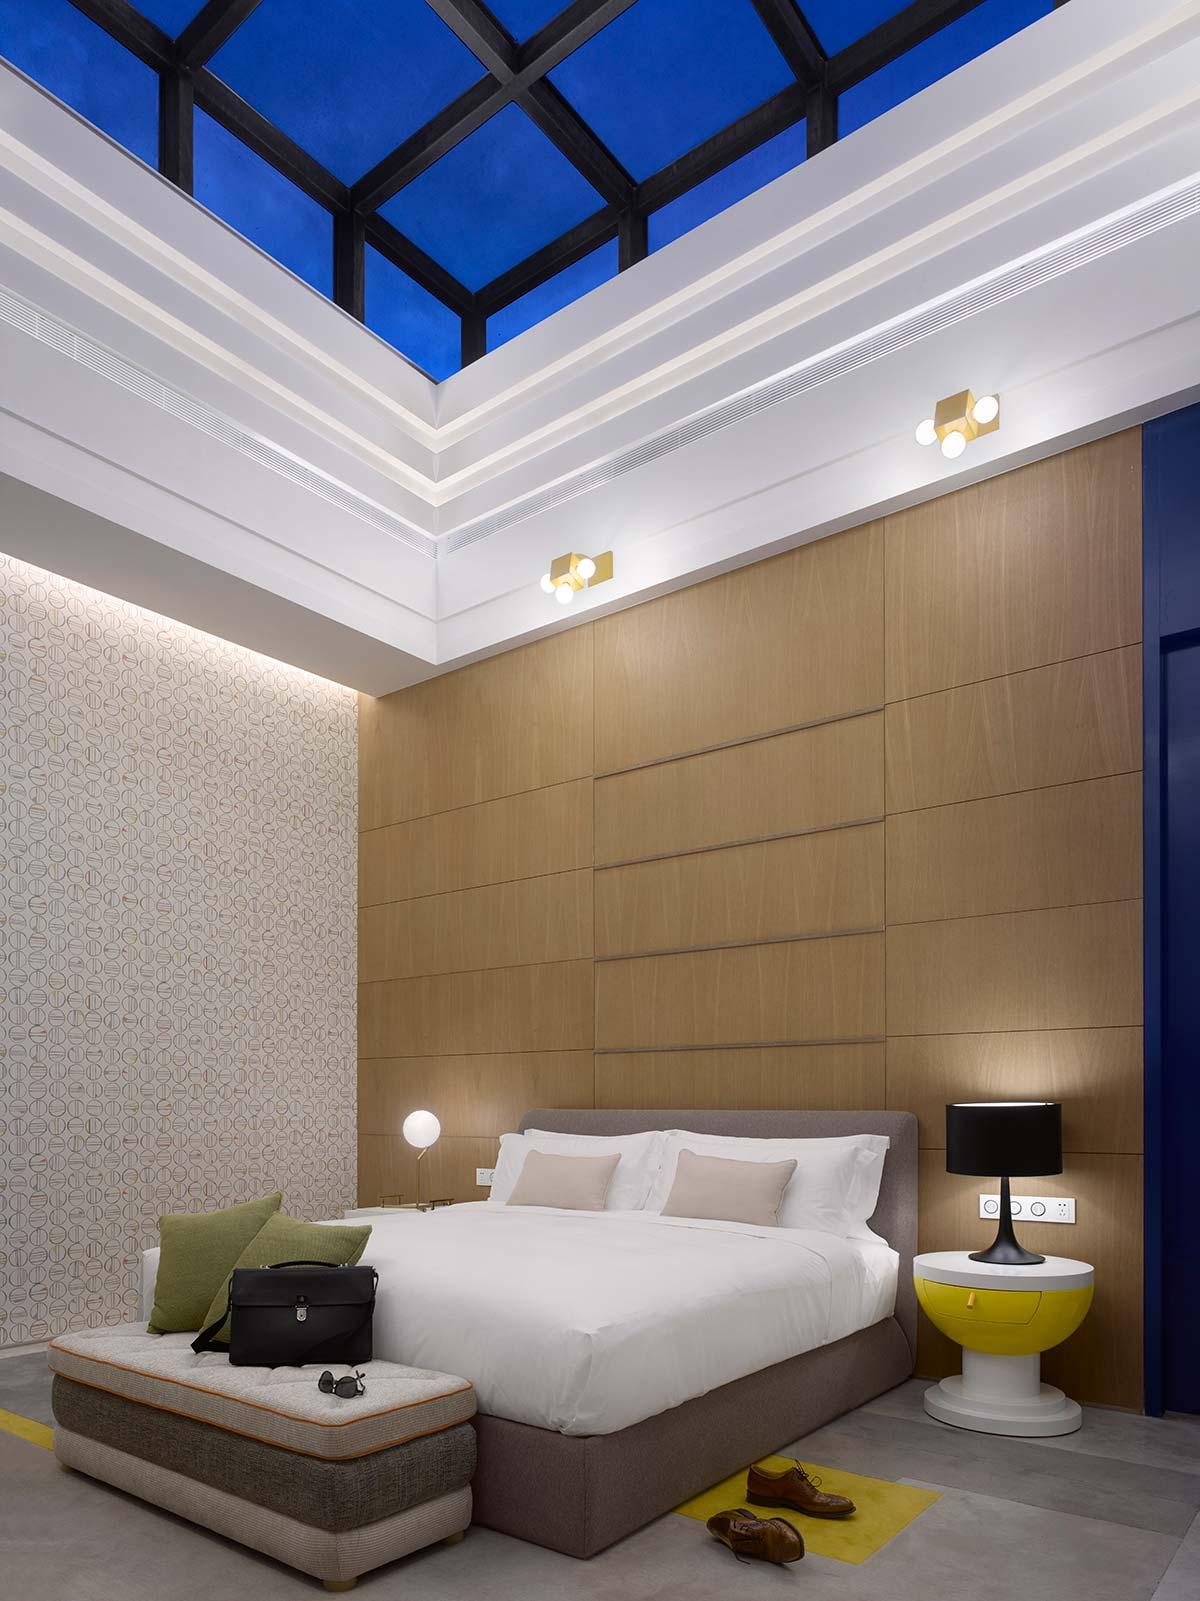 Artyzen Sifang Hotel, Nanjing, China